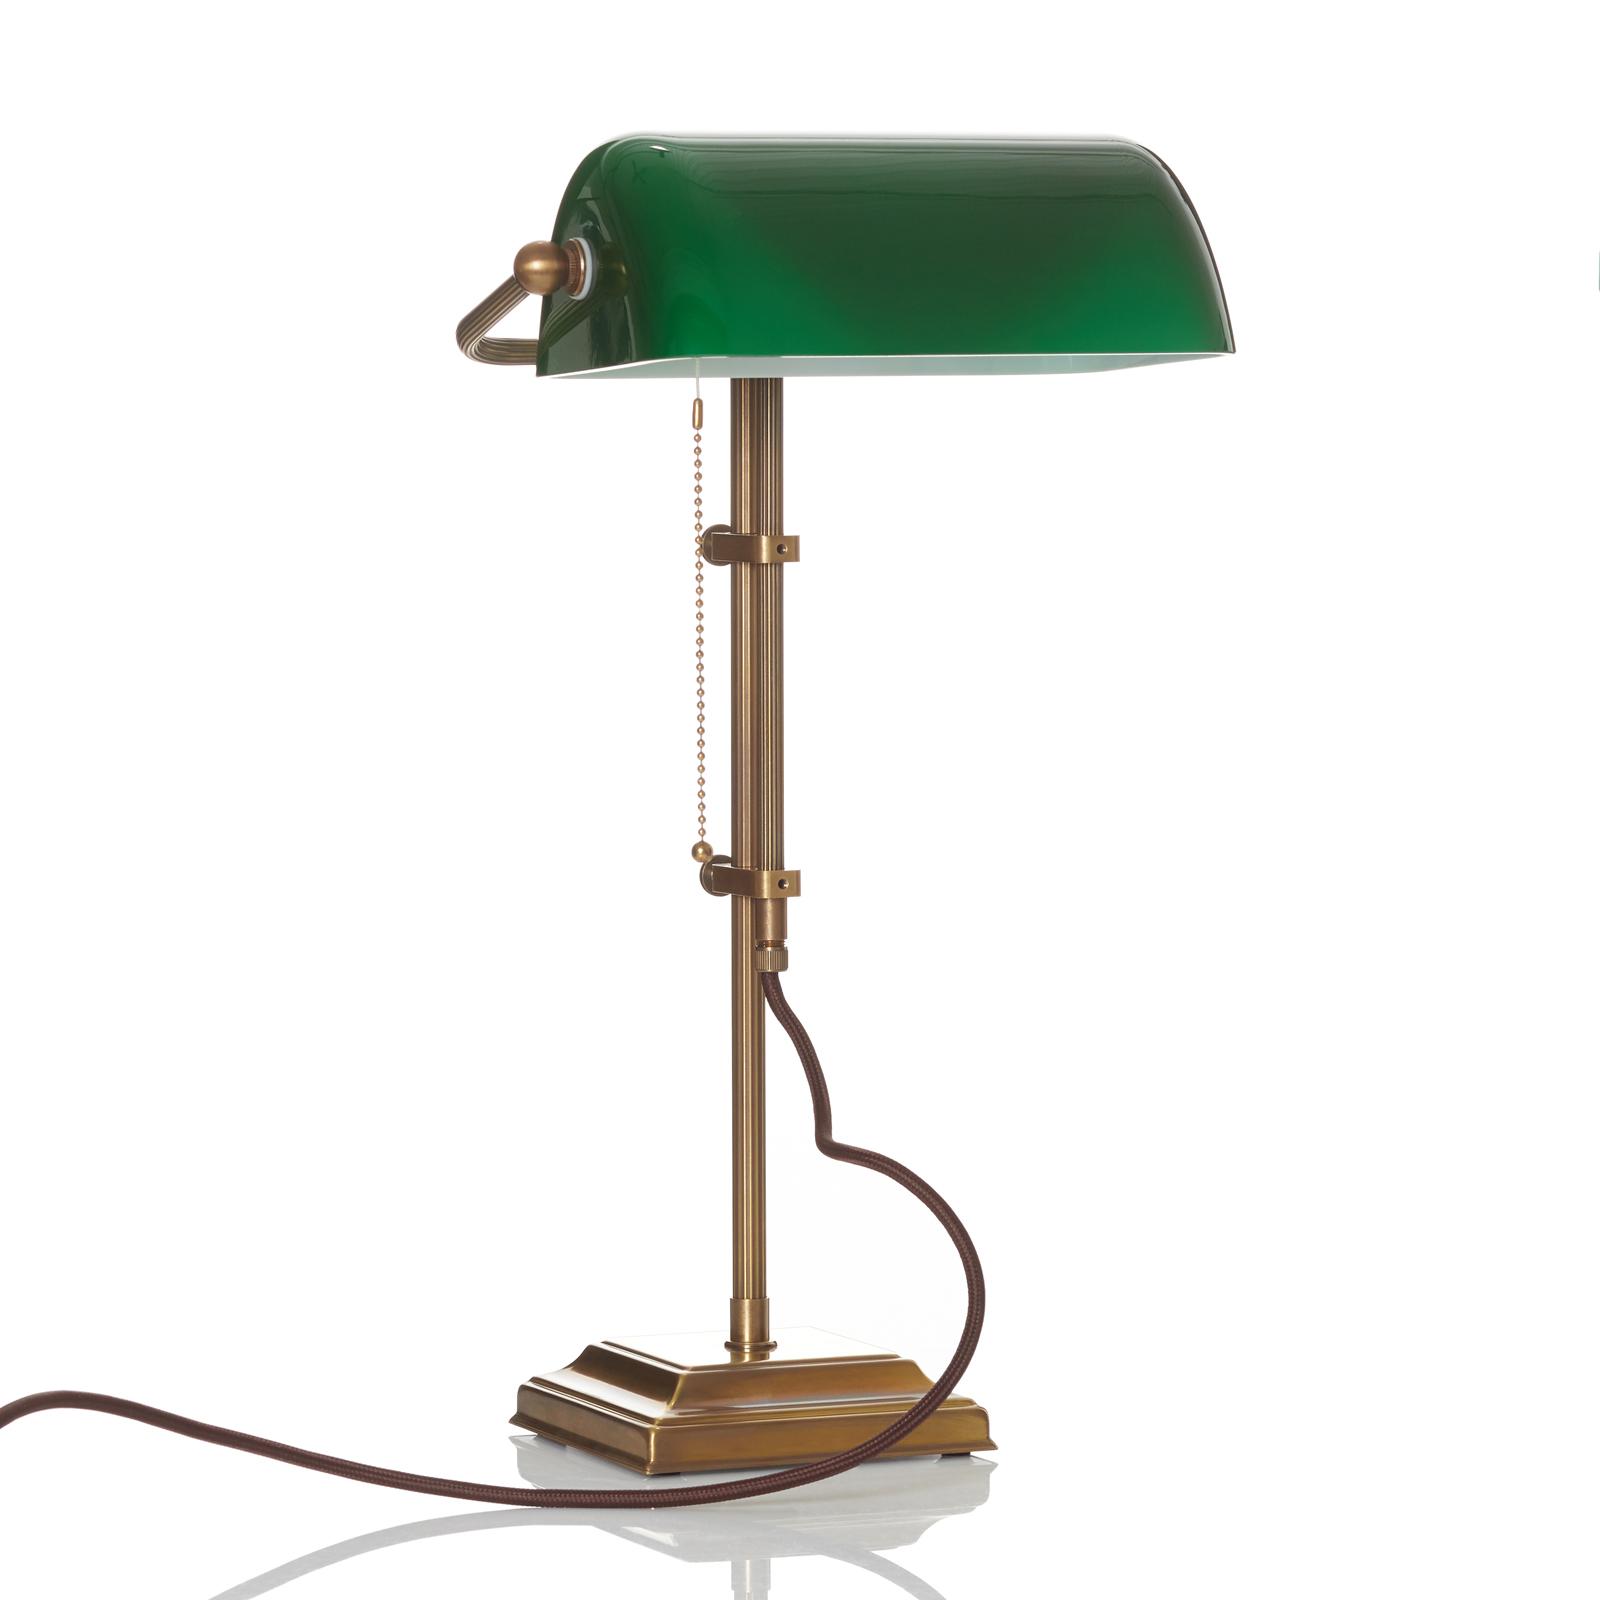 Originale lampada da banca TULSI